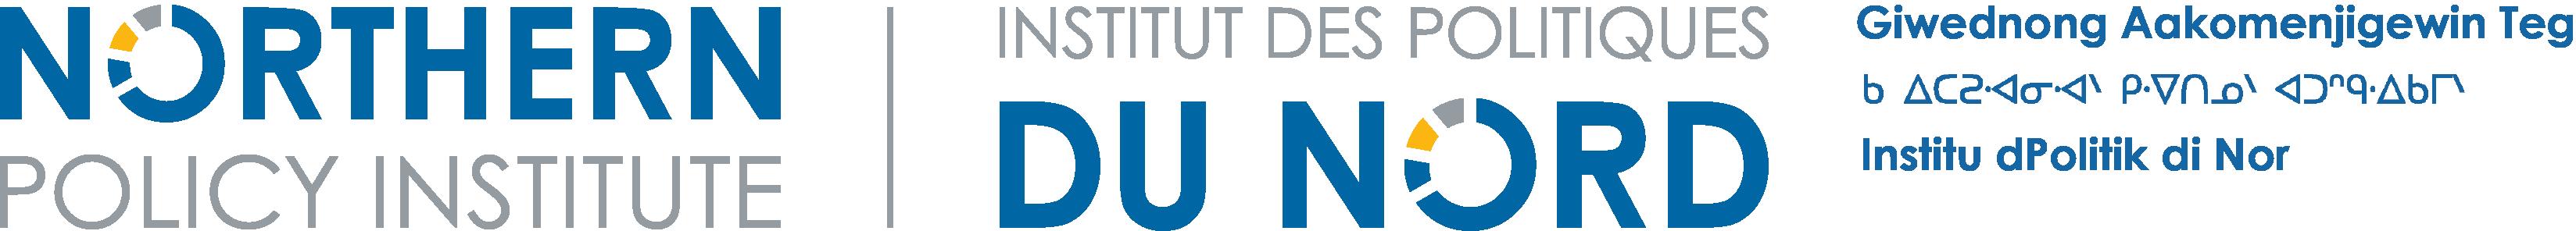 NPI logo eng fr ind 2